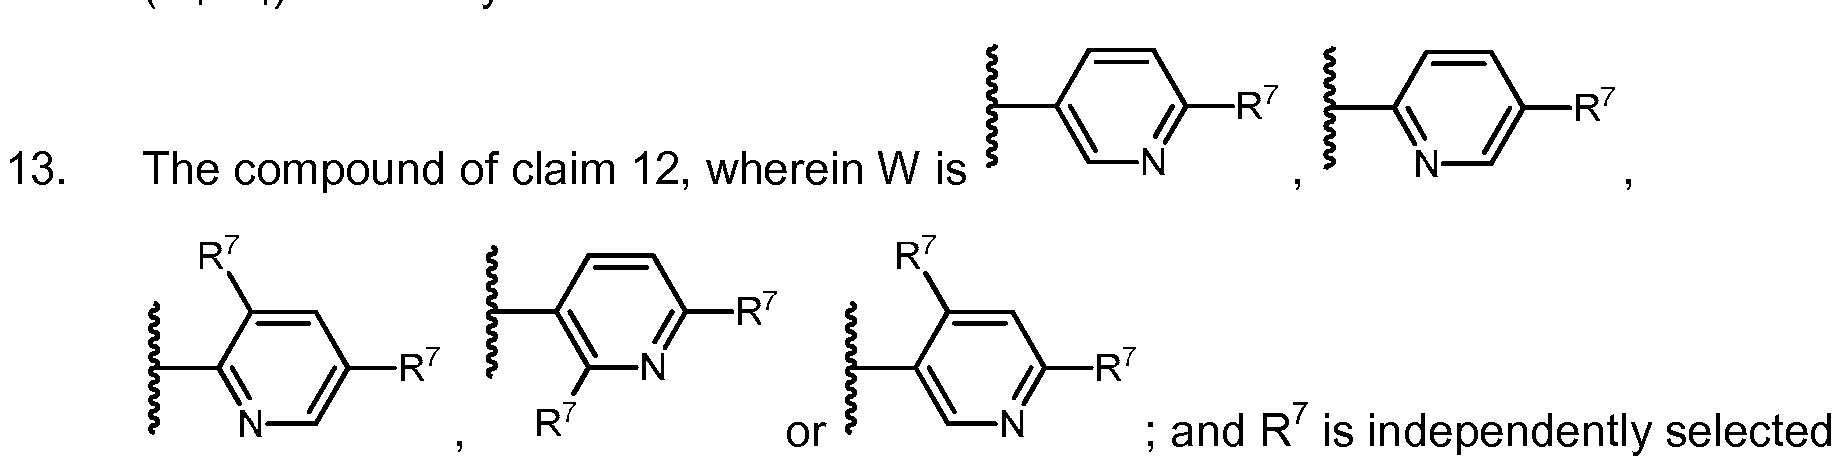 Figure imgf000206_0003